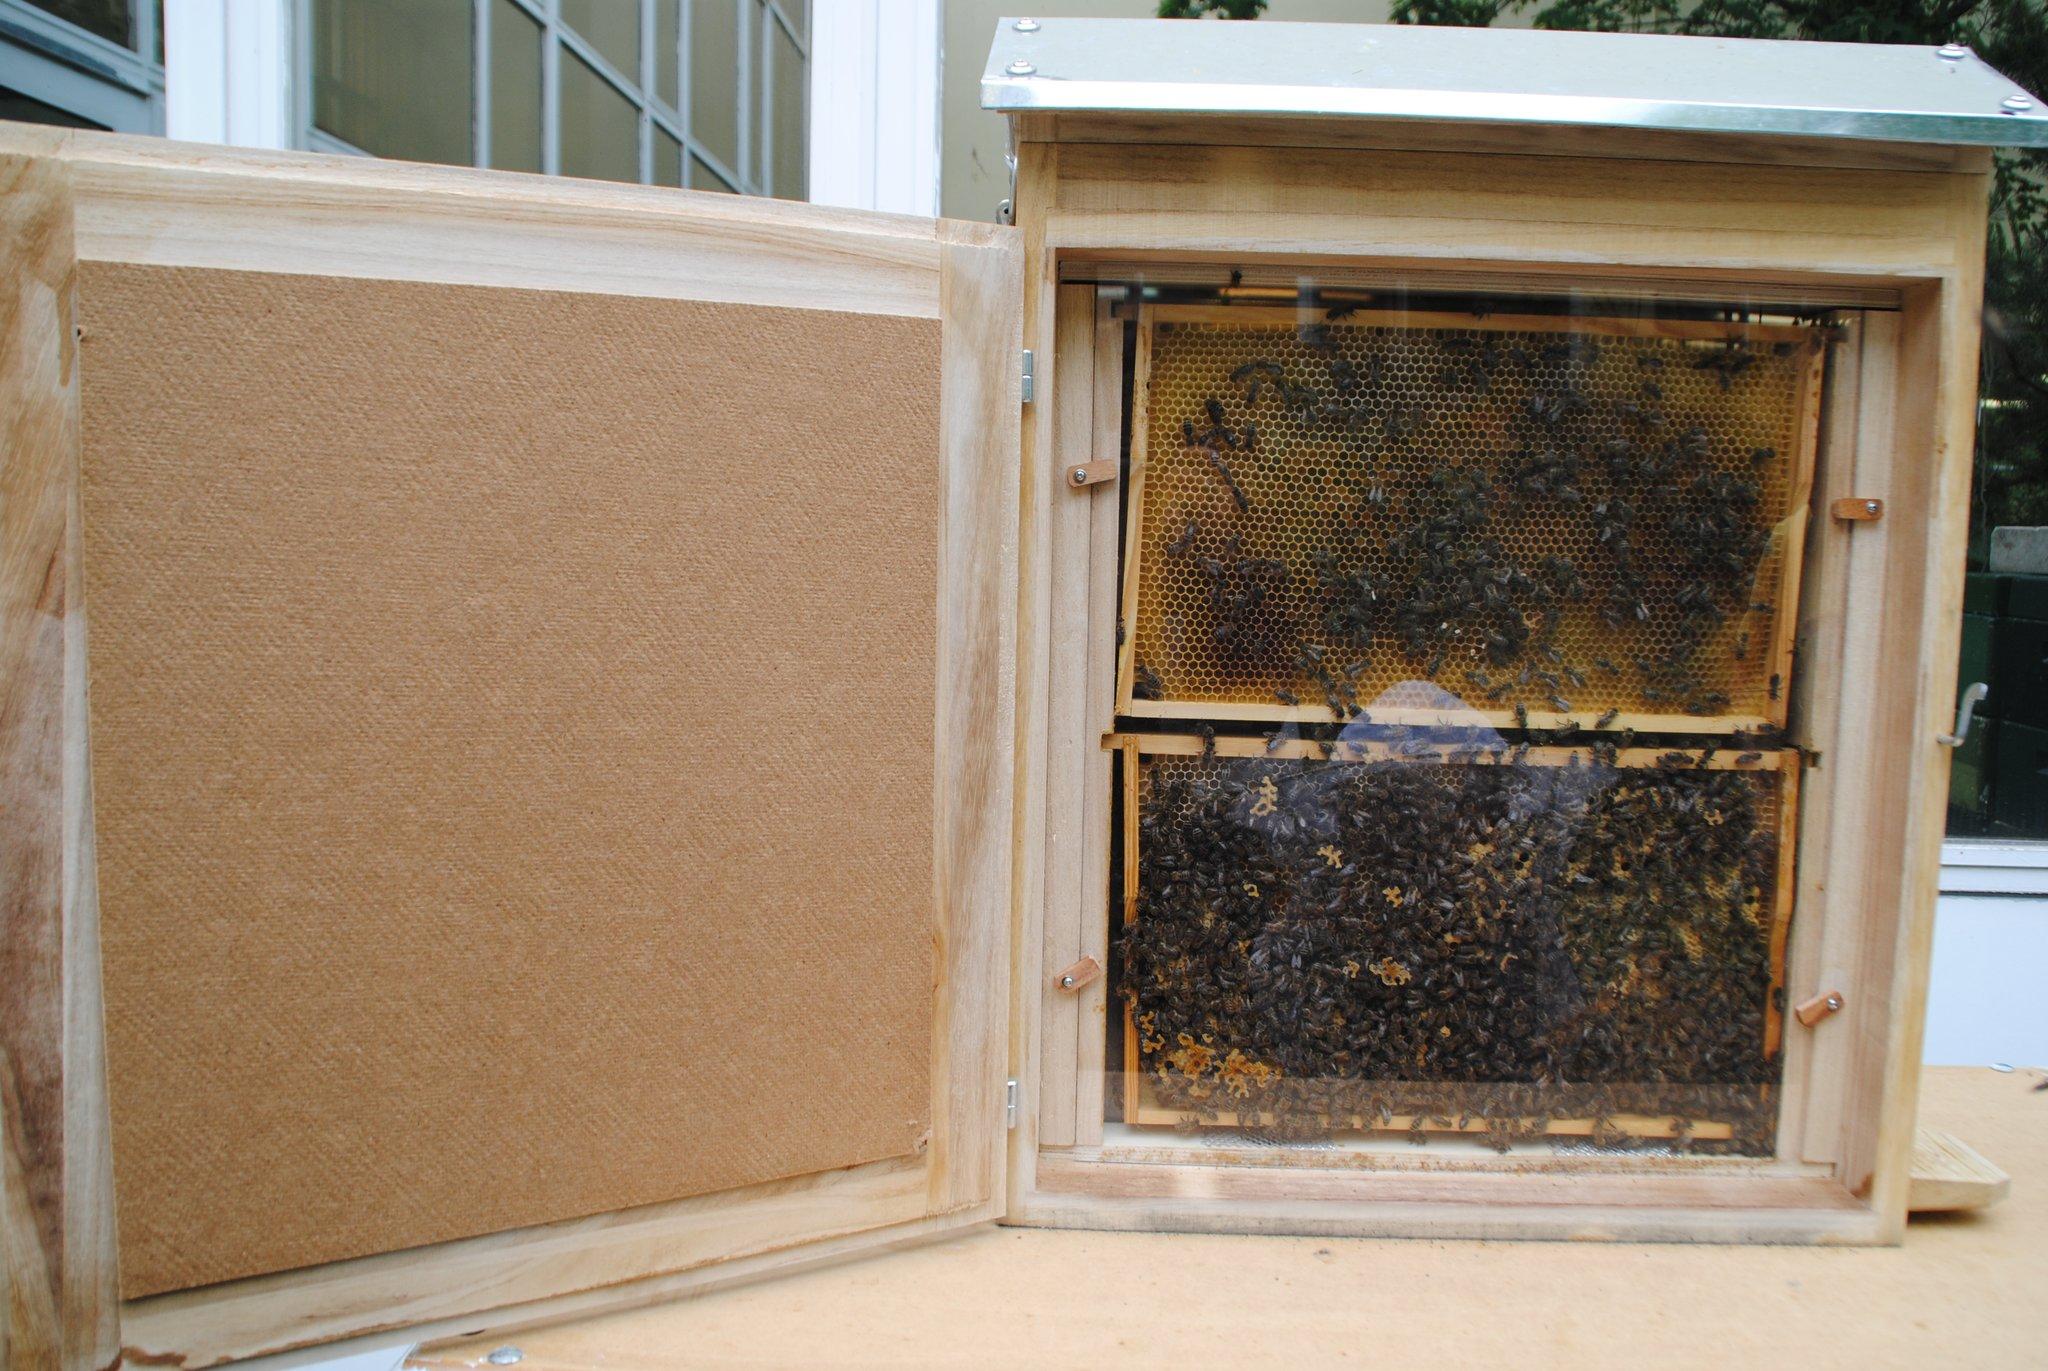 Konkordia Schüler Haben Jetzt Einen Schaukasten Bienen